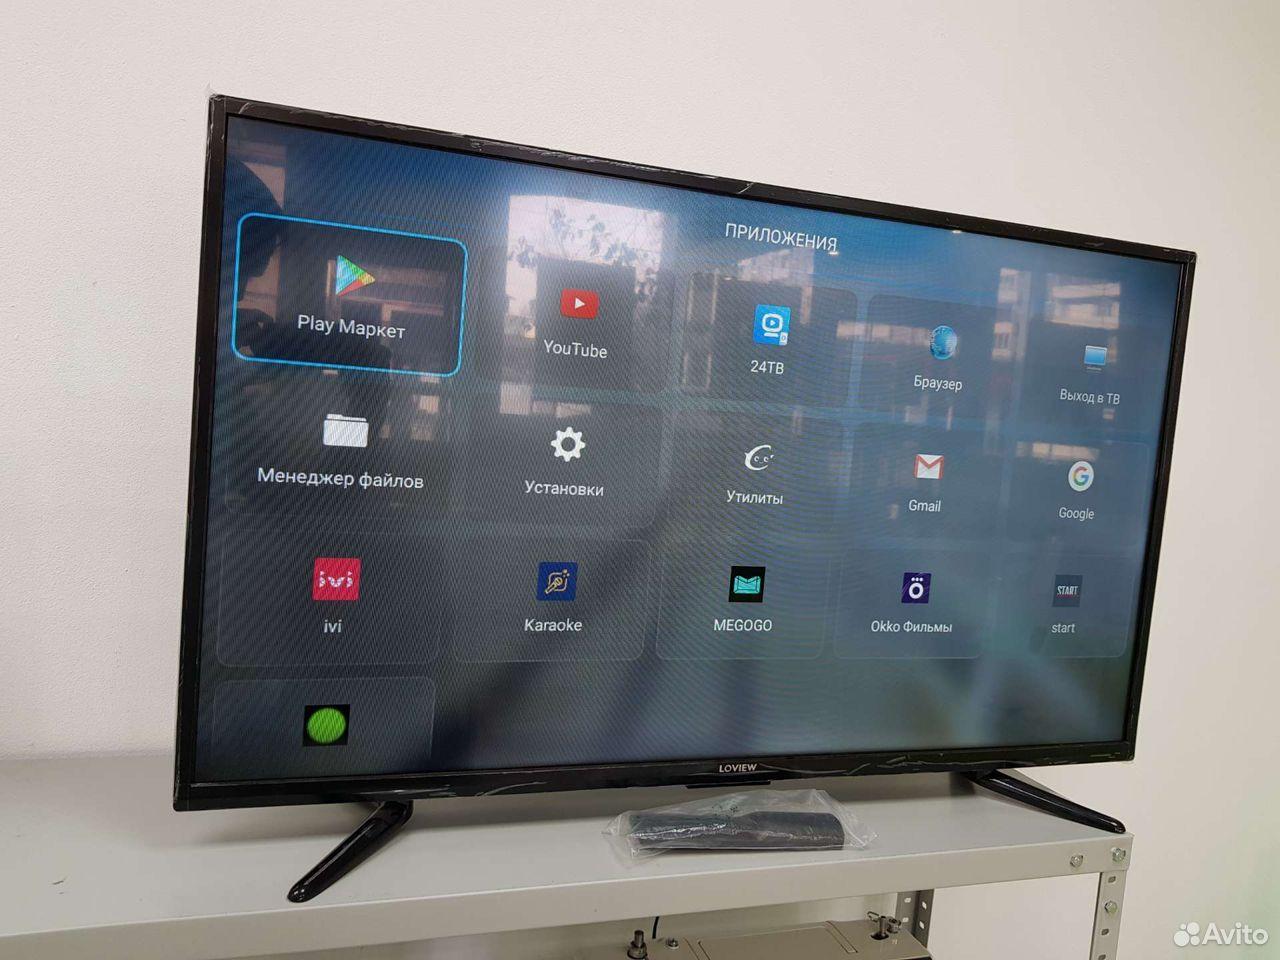 Д7) Телевизор Loview L39F401T2S  89642602386 купить 3